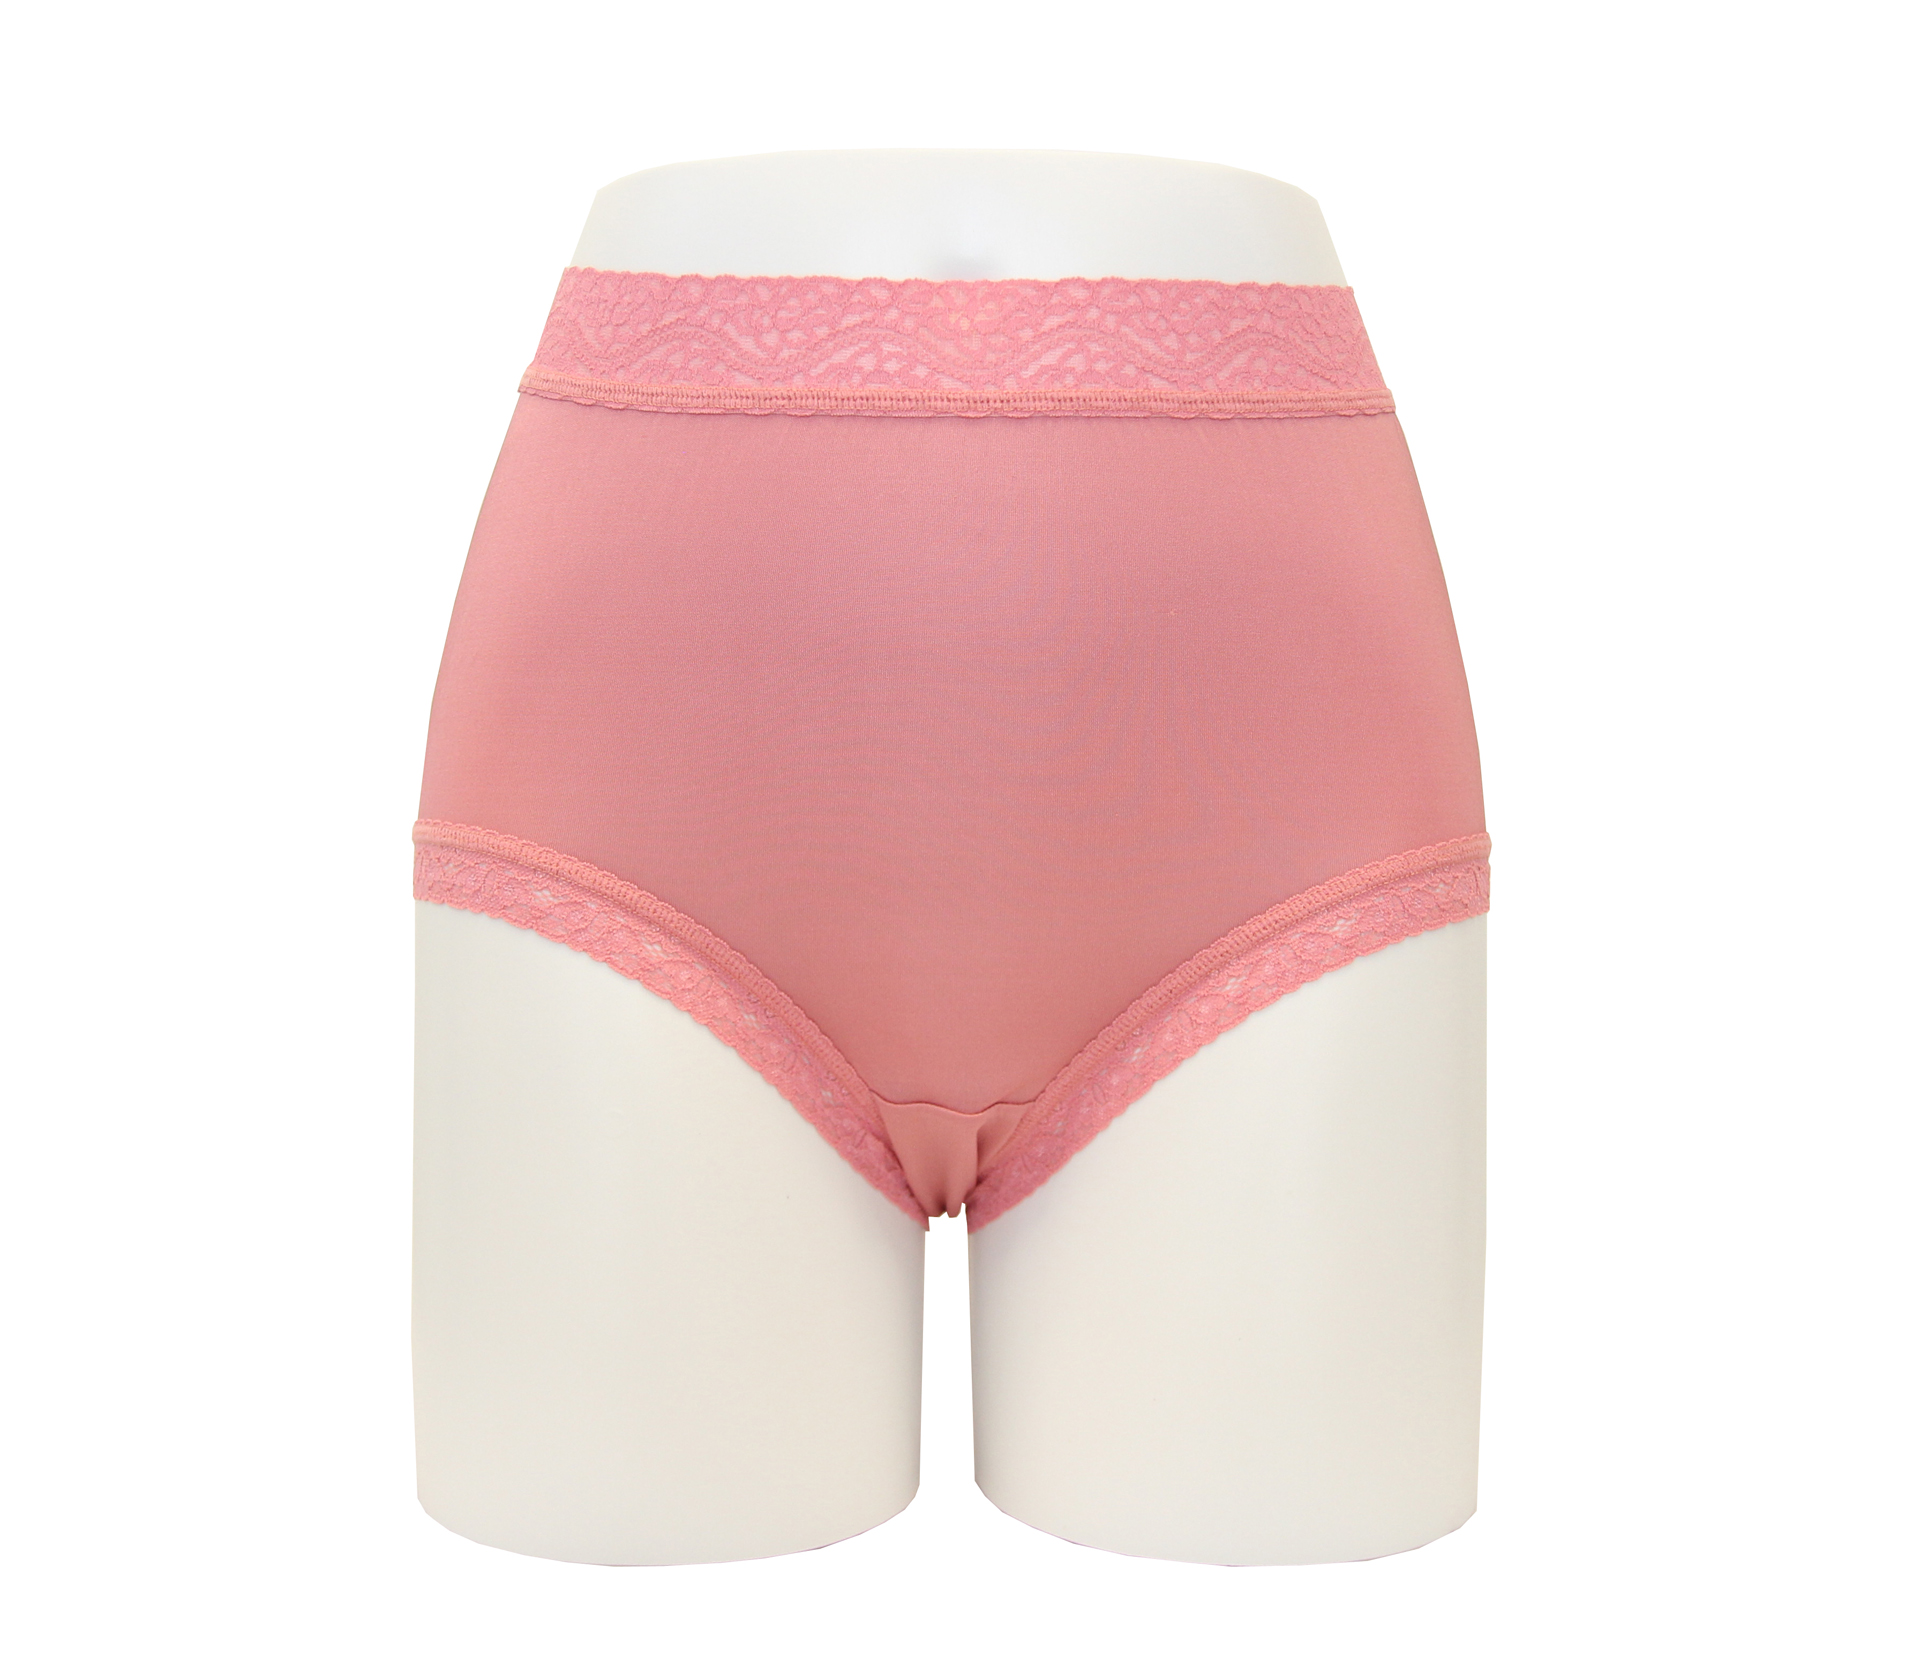 闕蘭絹40針高腰粉嫩透氣100%蠶絲內褲 - 887903 (珊瑚紅)